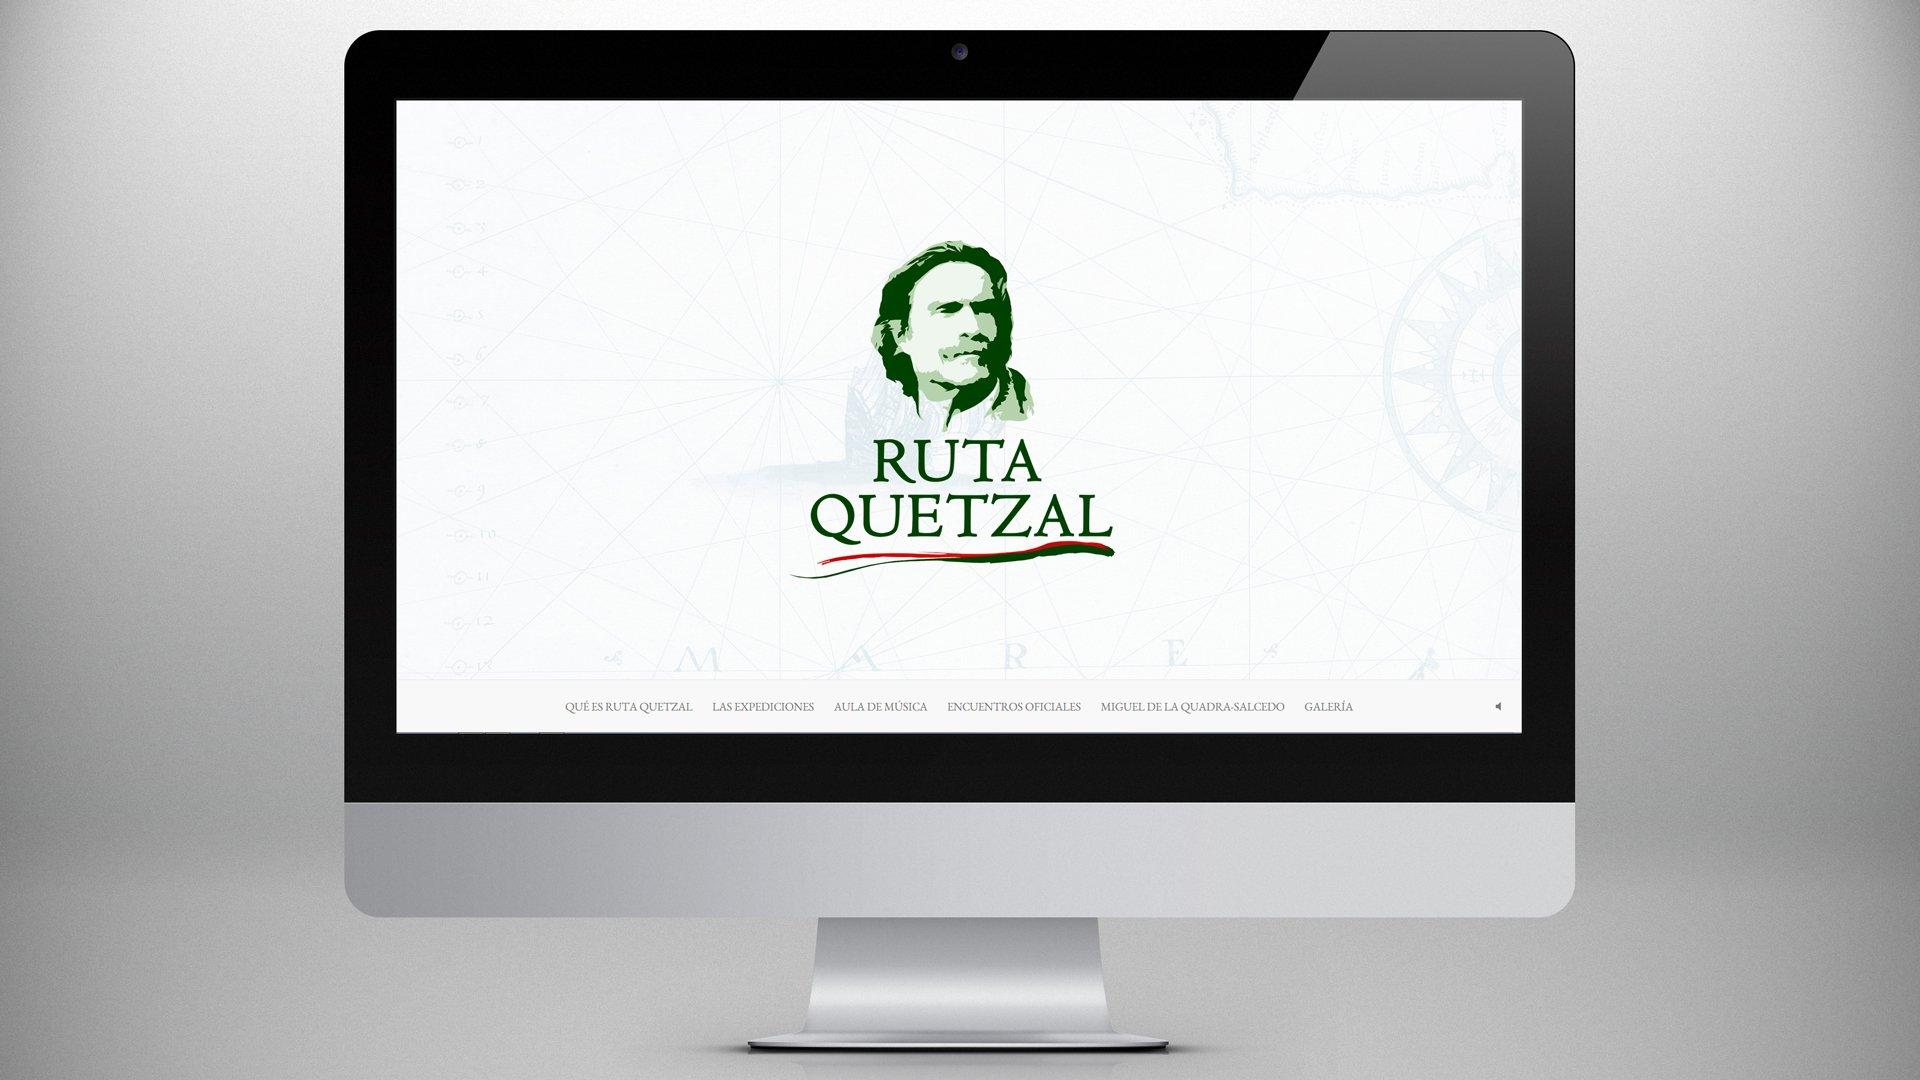 Ruta Quetzal